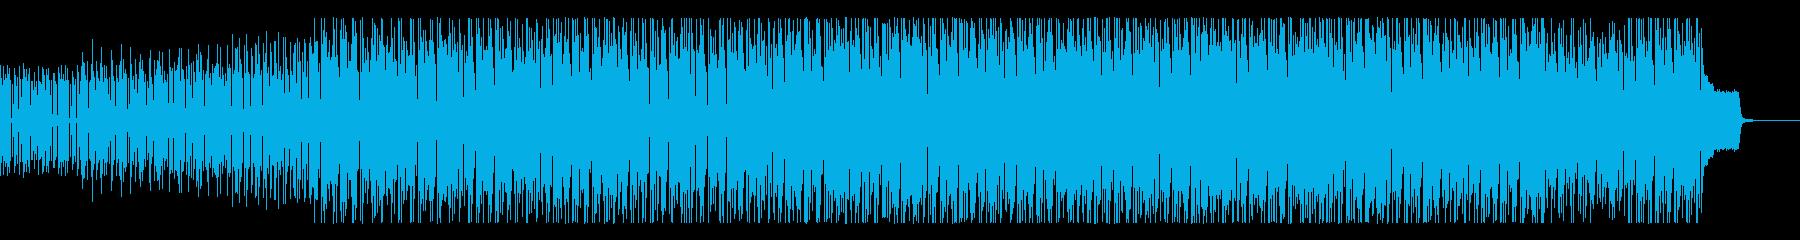 ジャングルのマイナスイオンを感じる曲の再生済みの波形